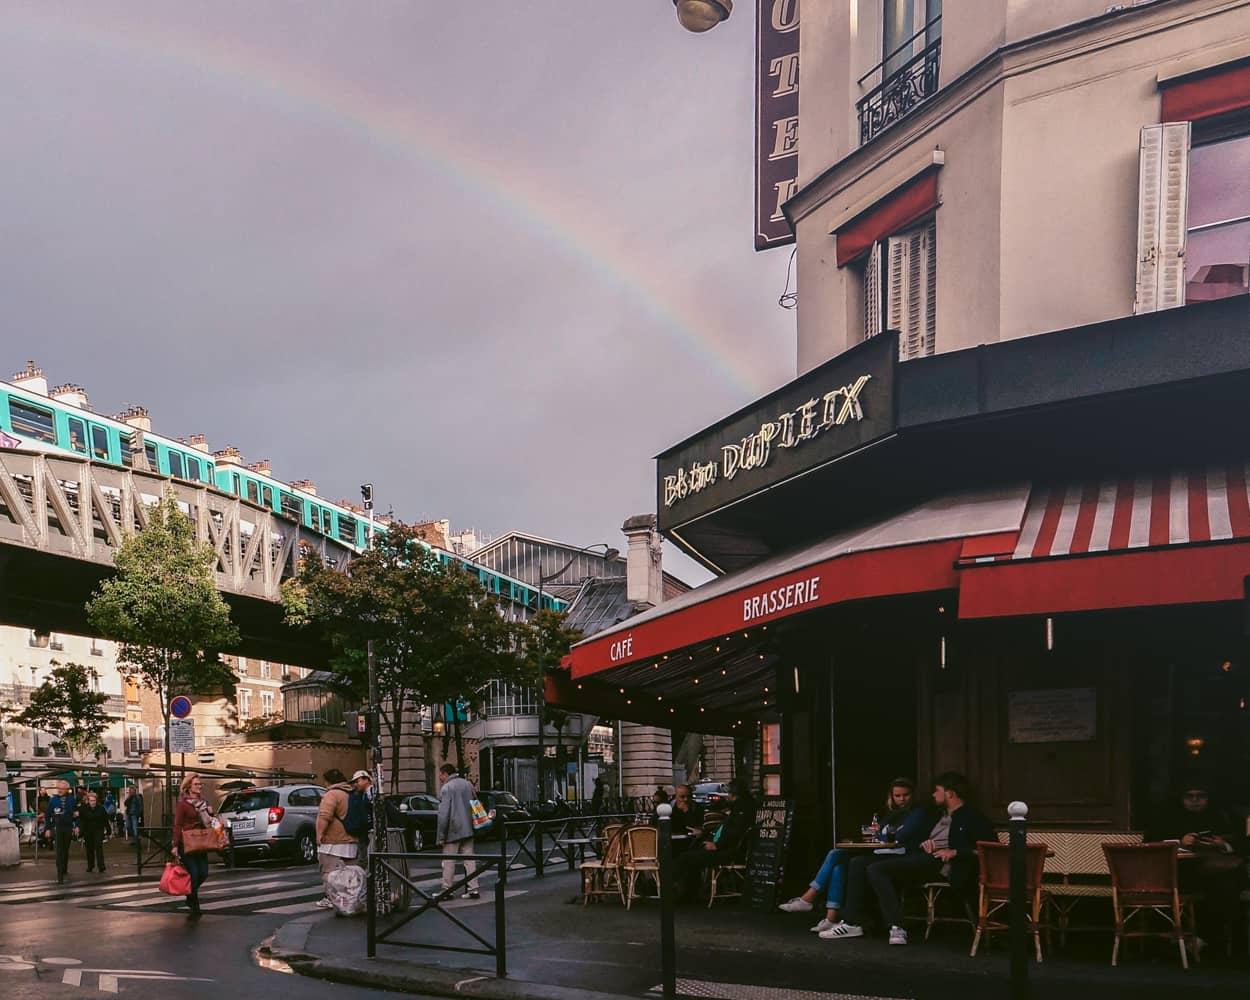 Paris-1 ホテルのすぐ近くのカフェで朝食